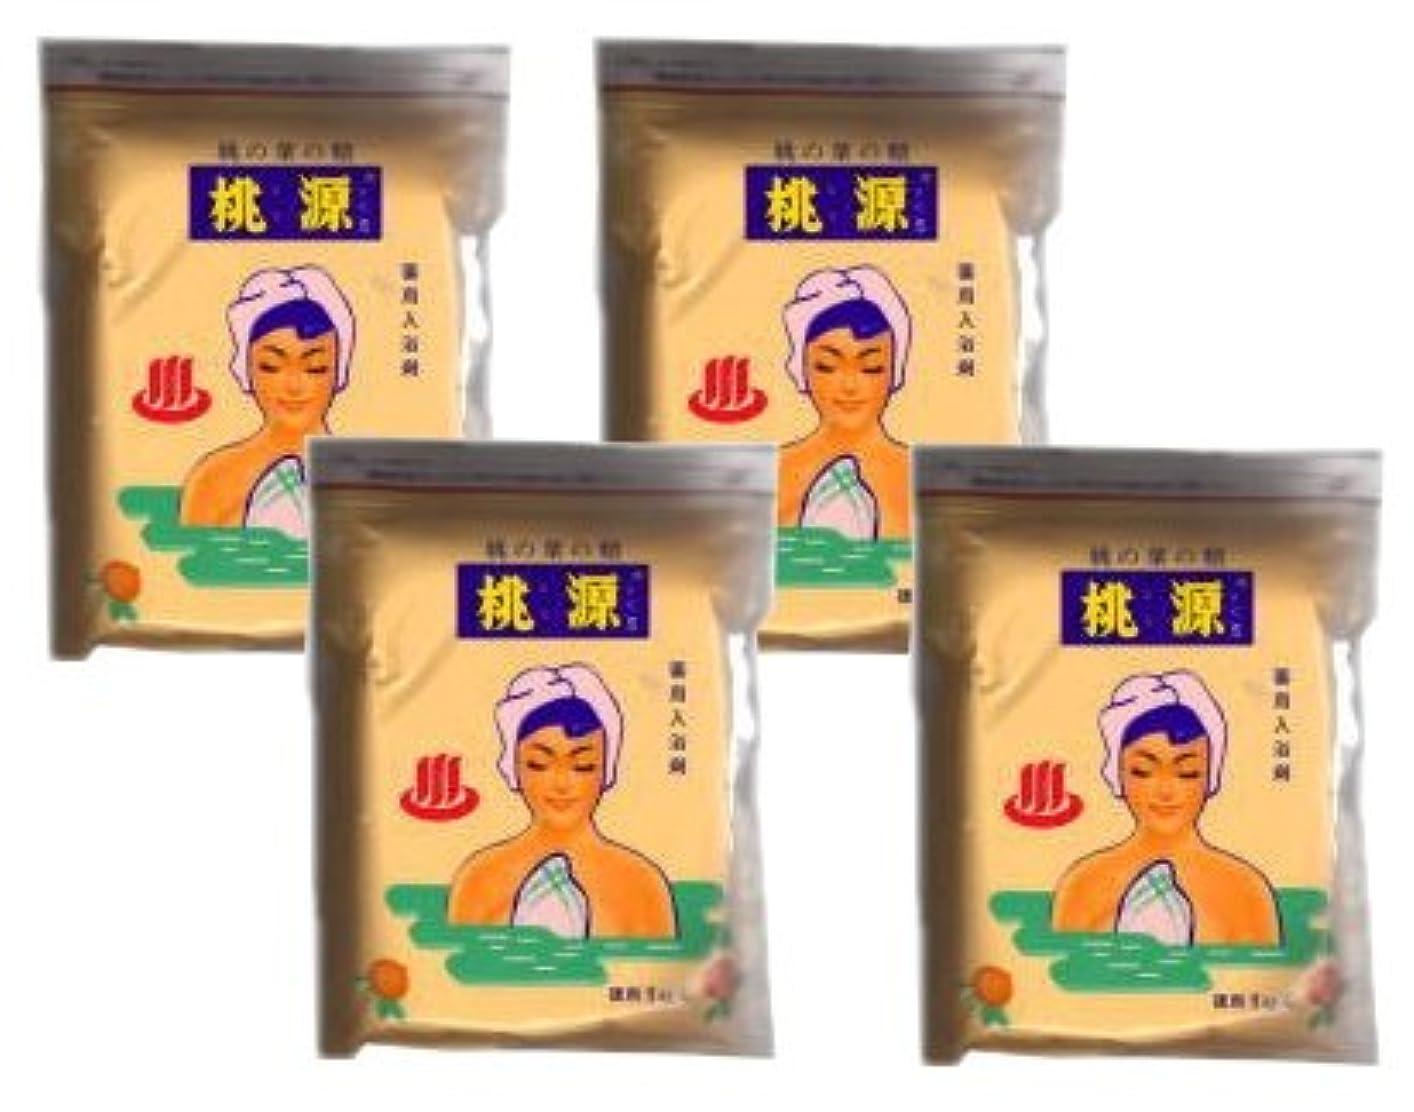 ずんぐりしたクリーム局桃源S 桃の葉の精 1000g 袋入り 4袋 (とうげん)